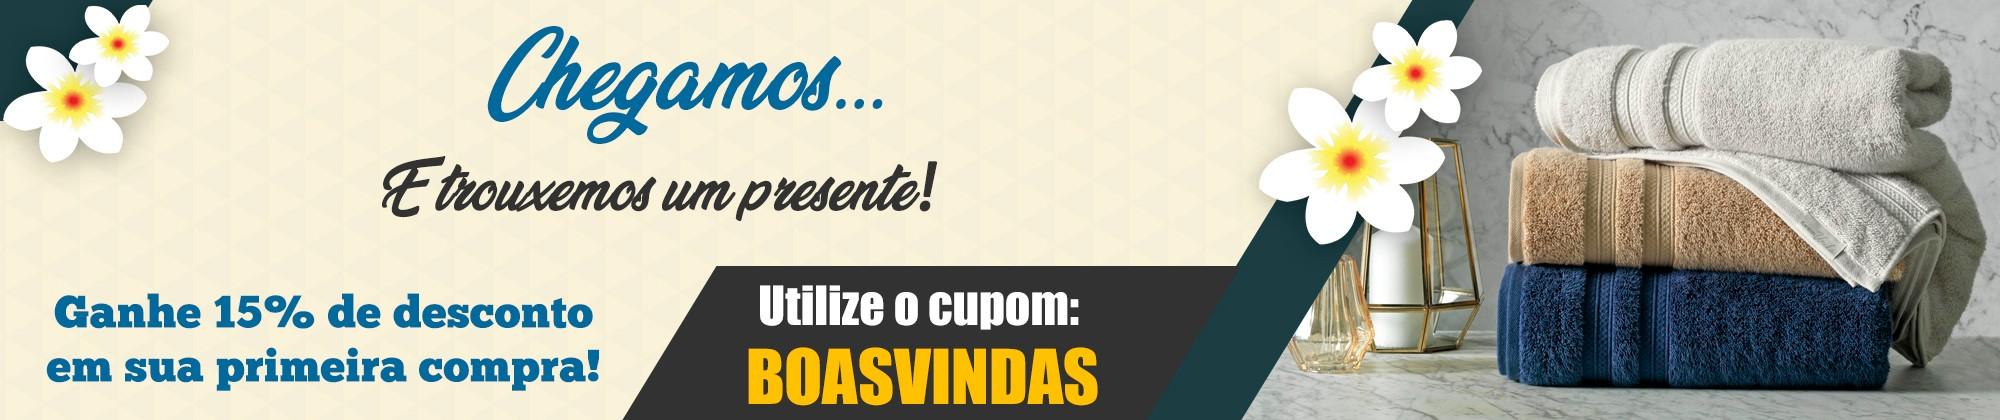 Chegamos... E temos um presente para você! Utilize o cupom BOASVINDAS e ganhe 15% de desconto!